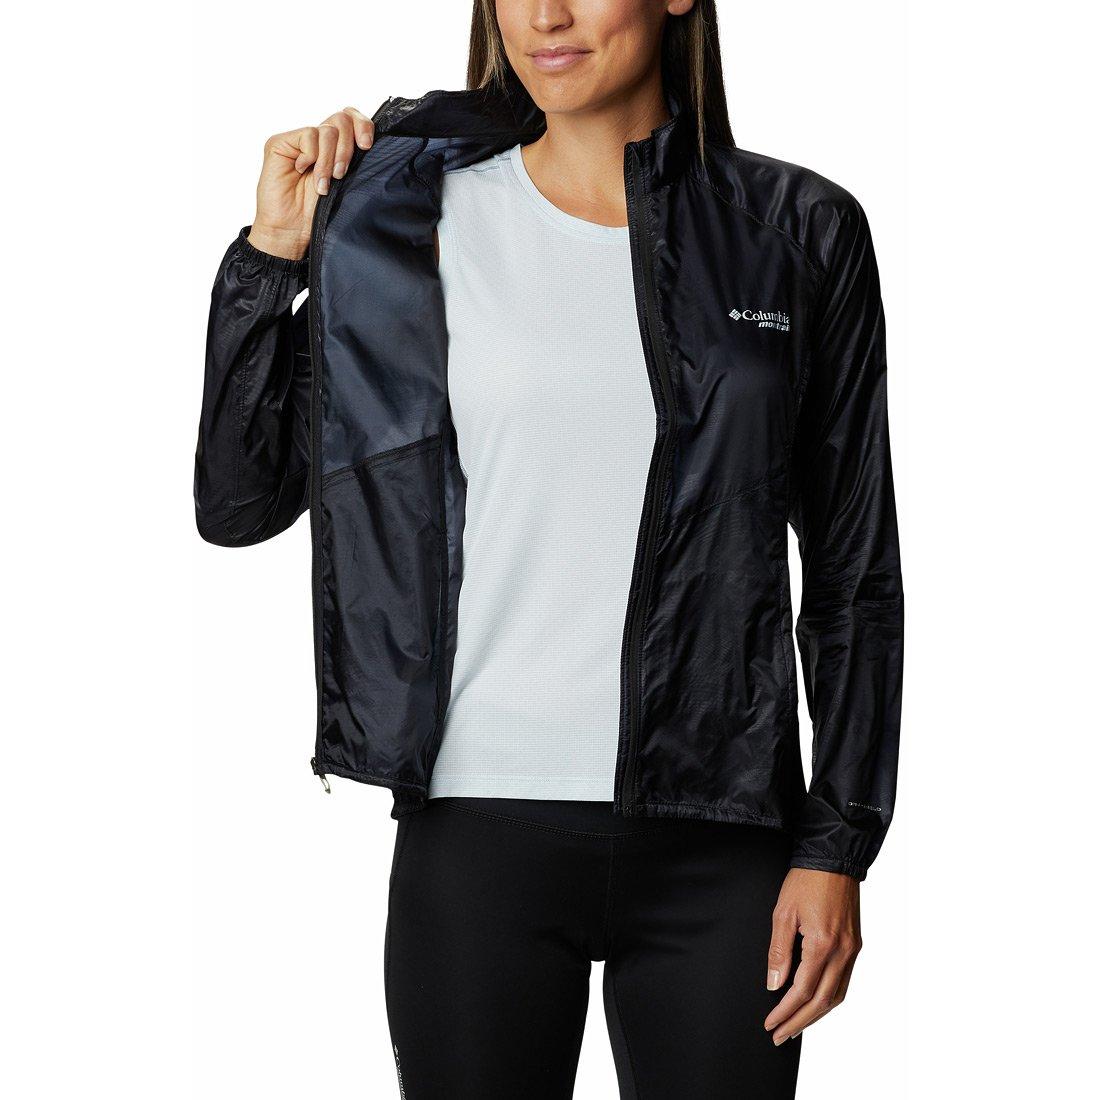 מעיל רוח לנשים - W FKT II Jacket - Columbia